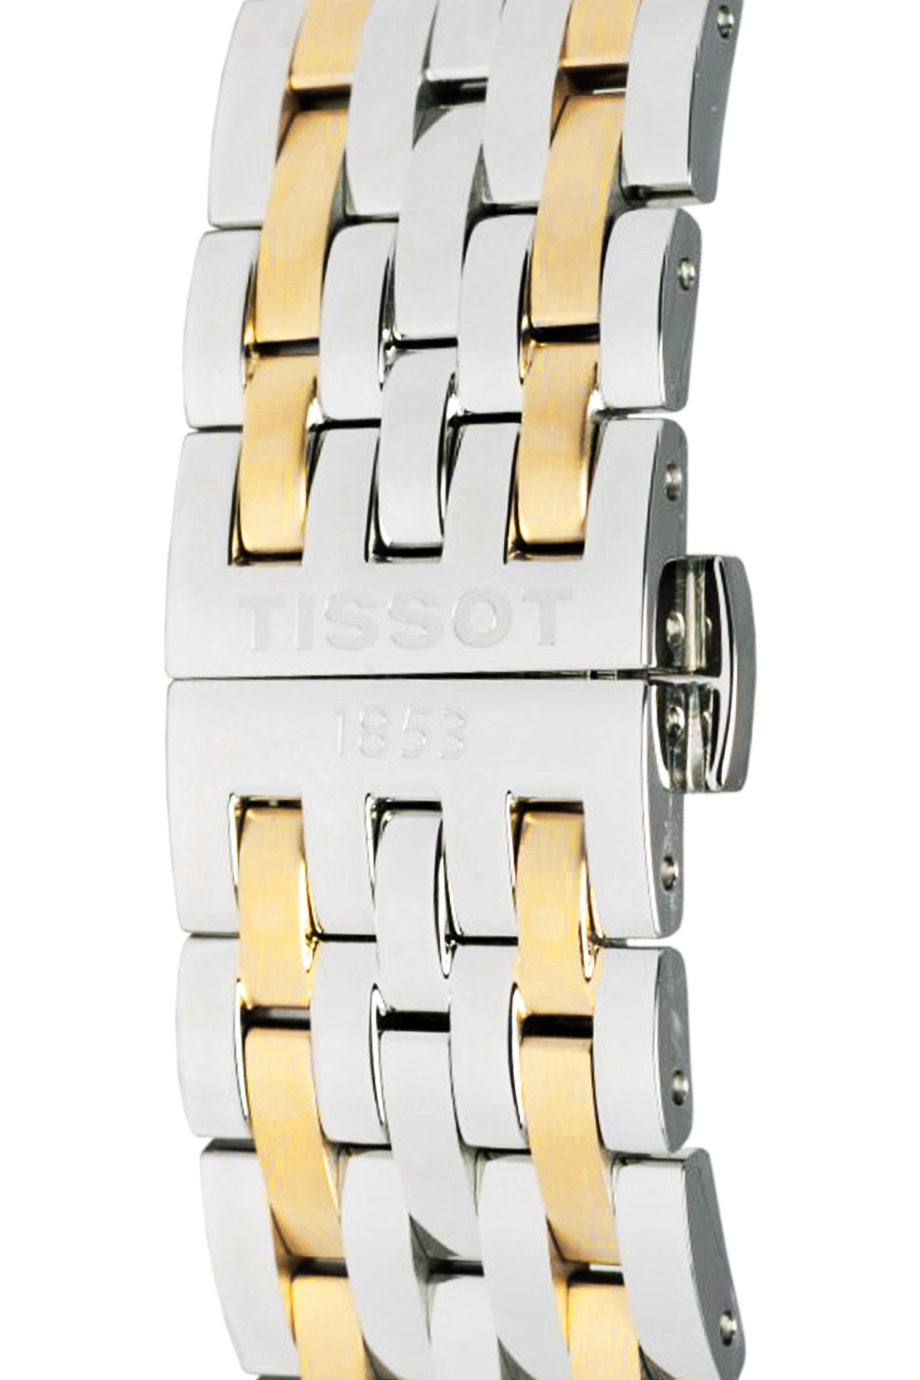 Đồng hồ Tissot Nam 1853 T038.207.22.037.00  dây đeo